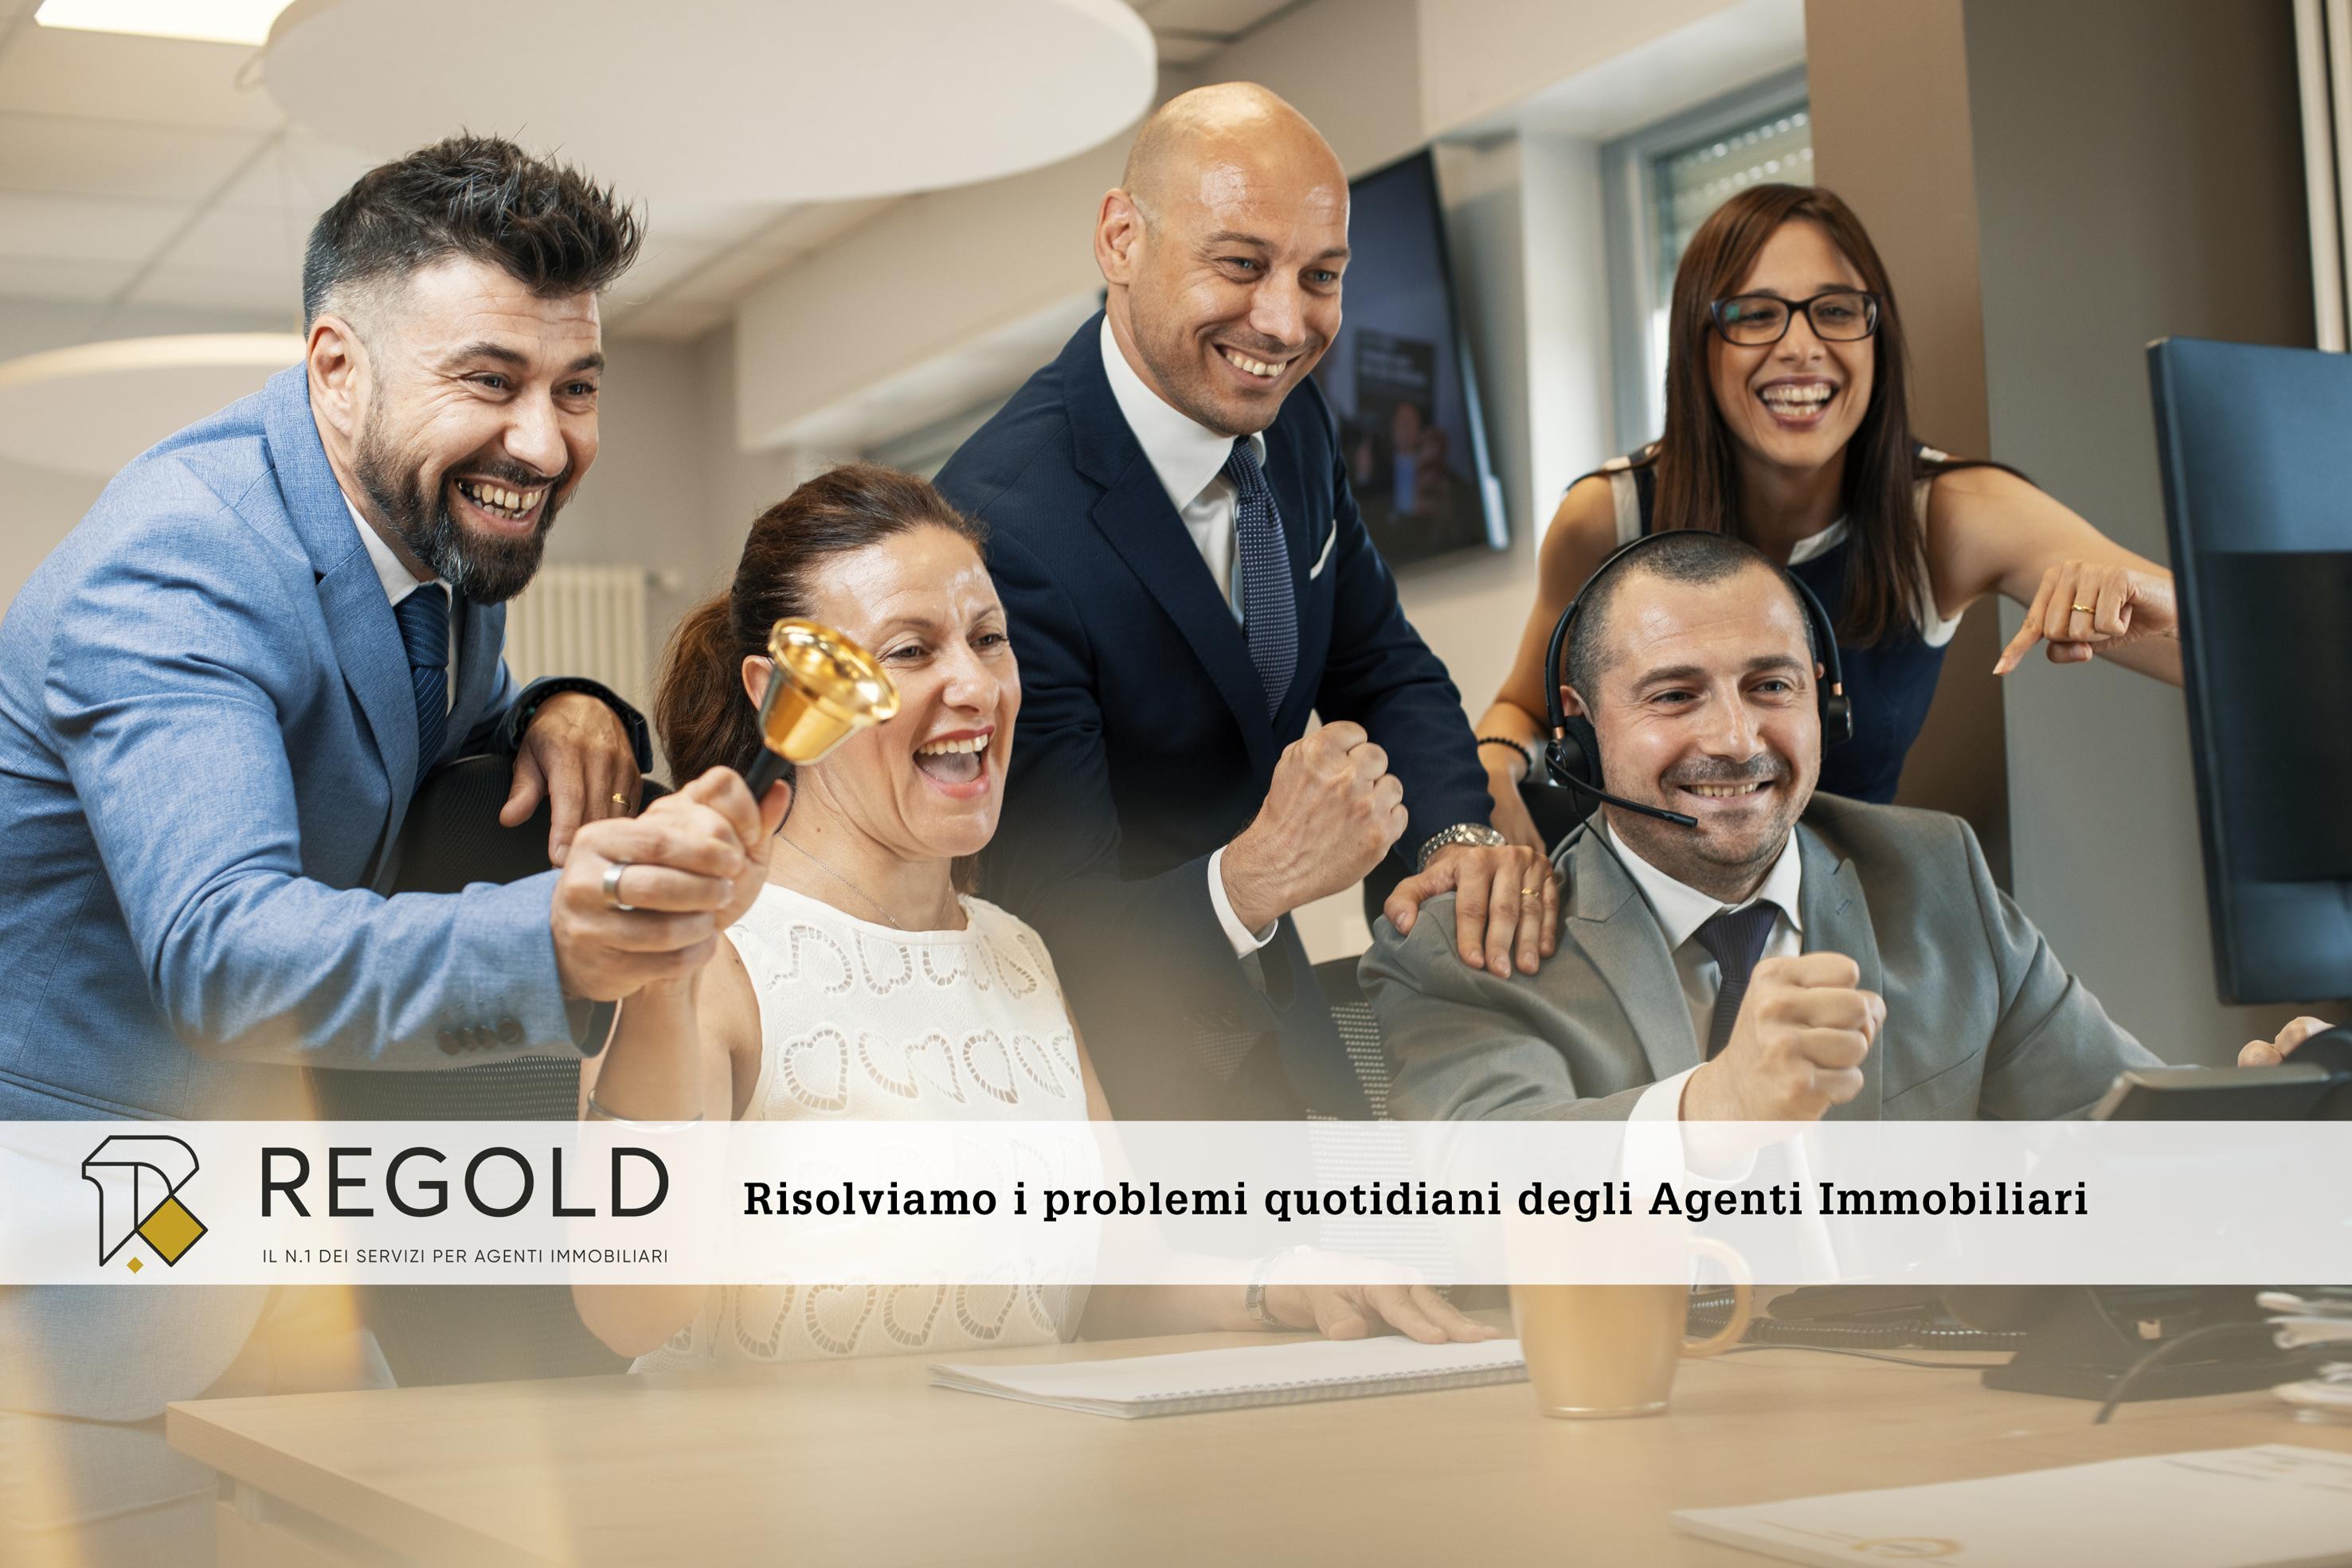 Agenti Immobiliari Trento regold si rinnova e lancia una suite di servizi evoluti per